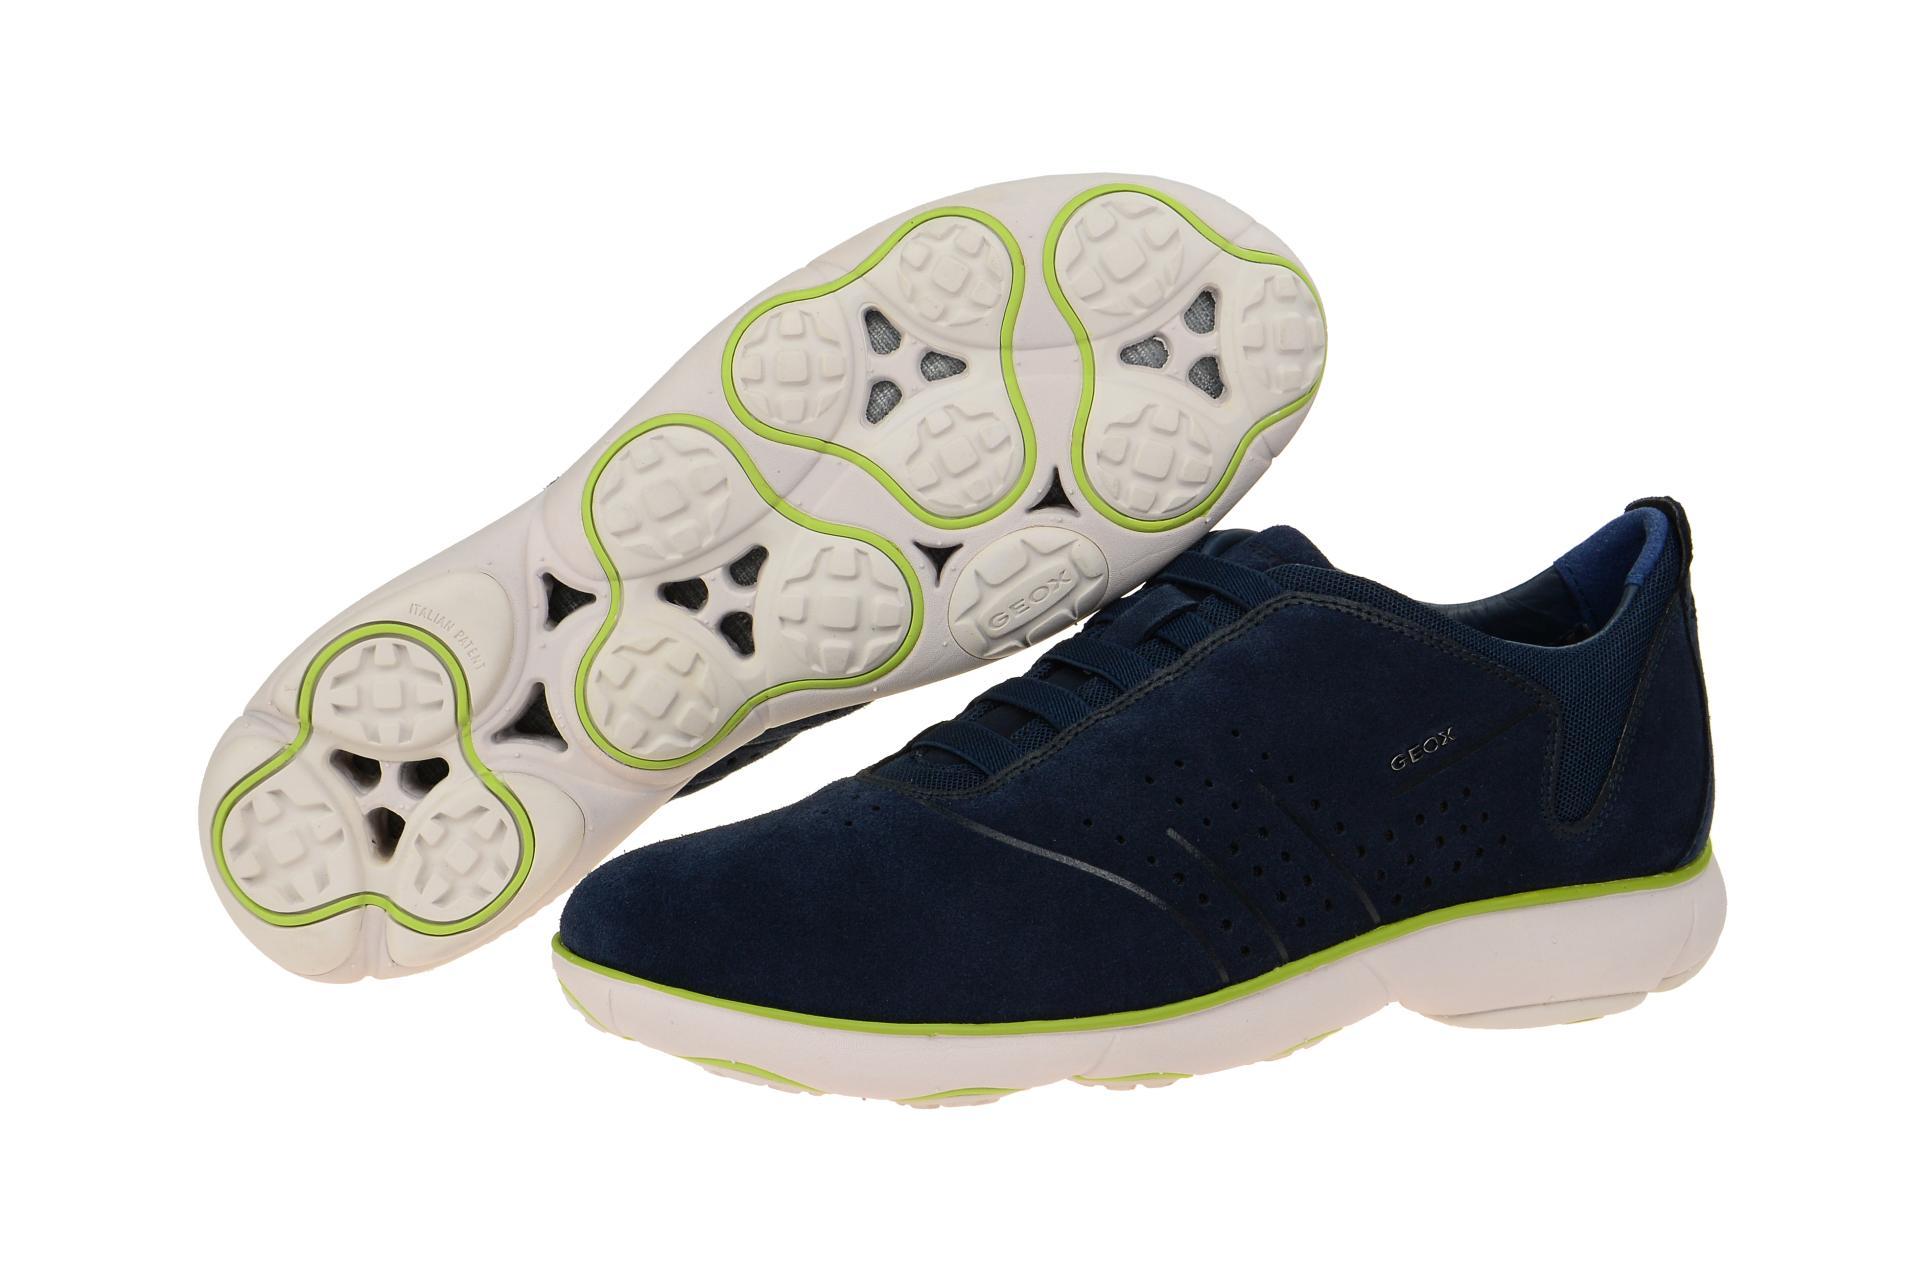 Geox Schuhe NEBULA blau Herrenschuhe bequeme Slipper U72D7A